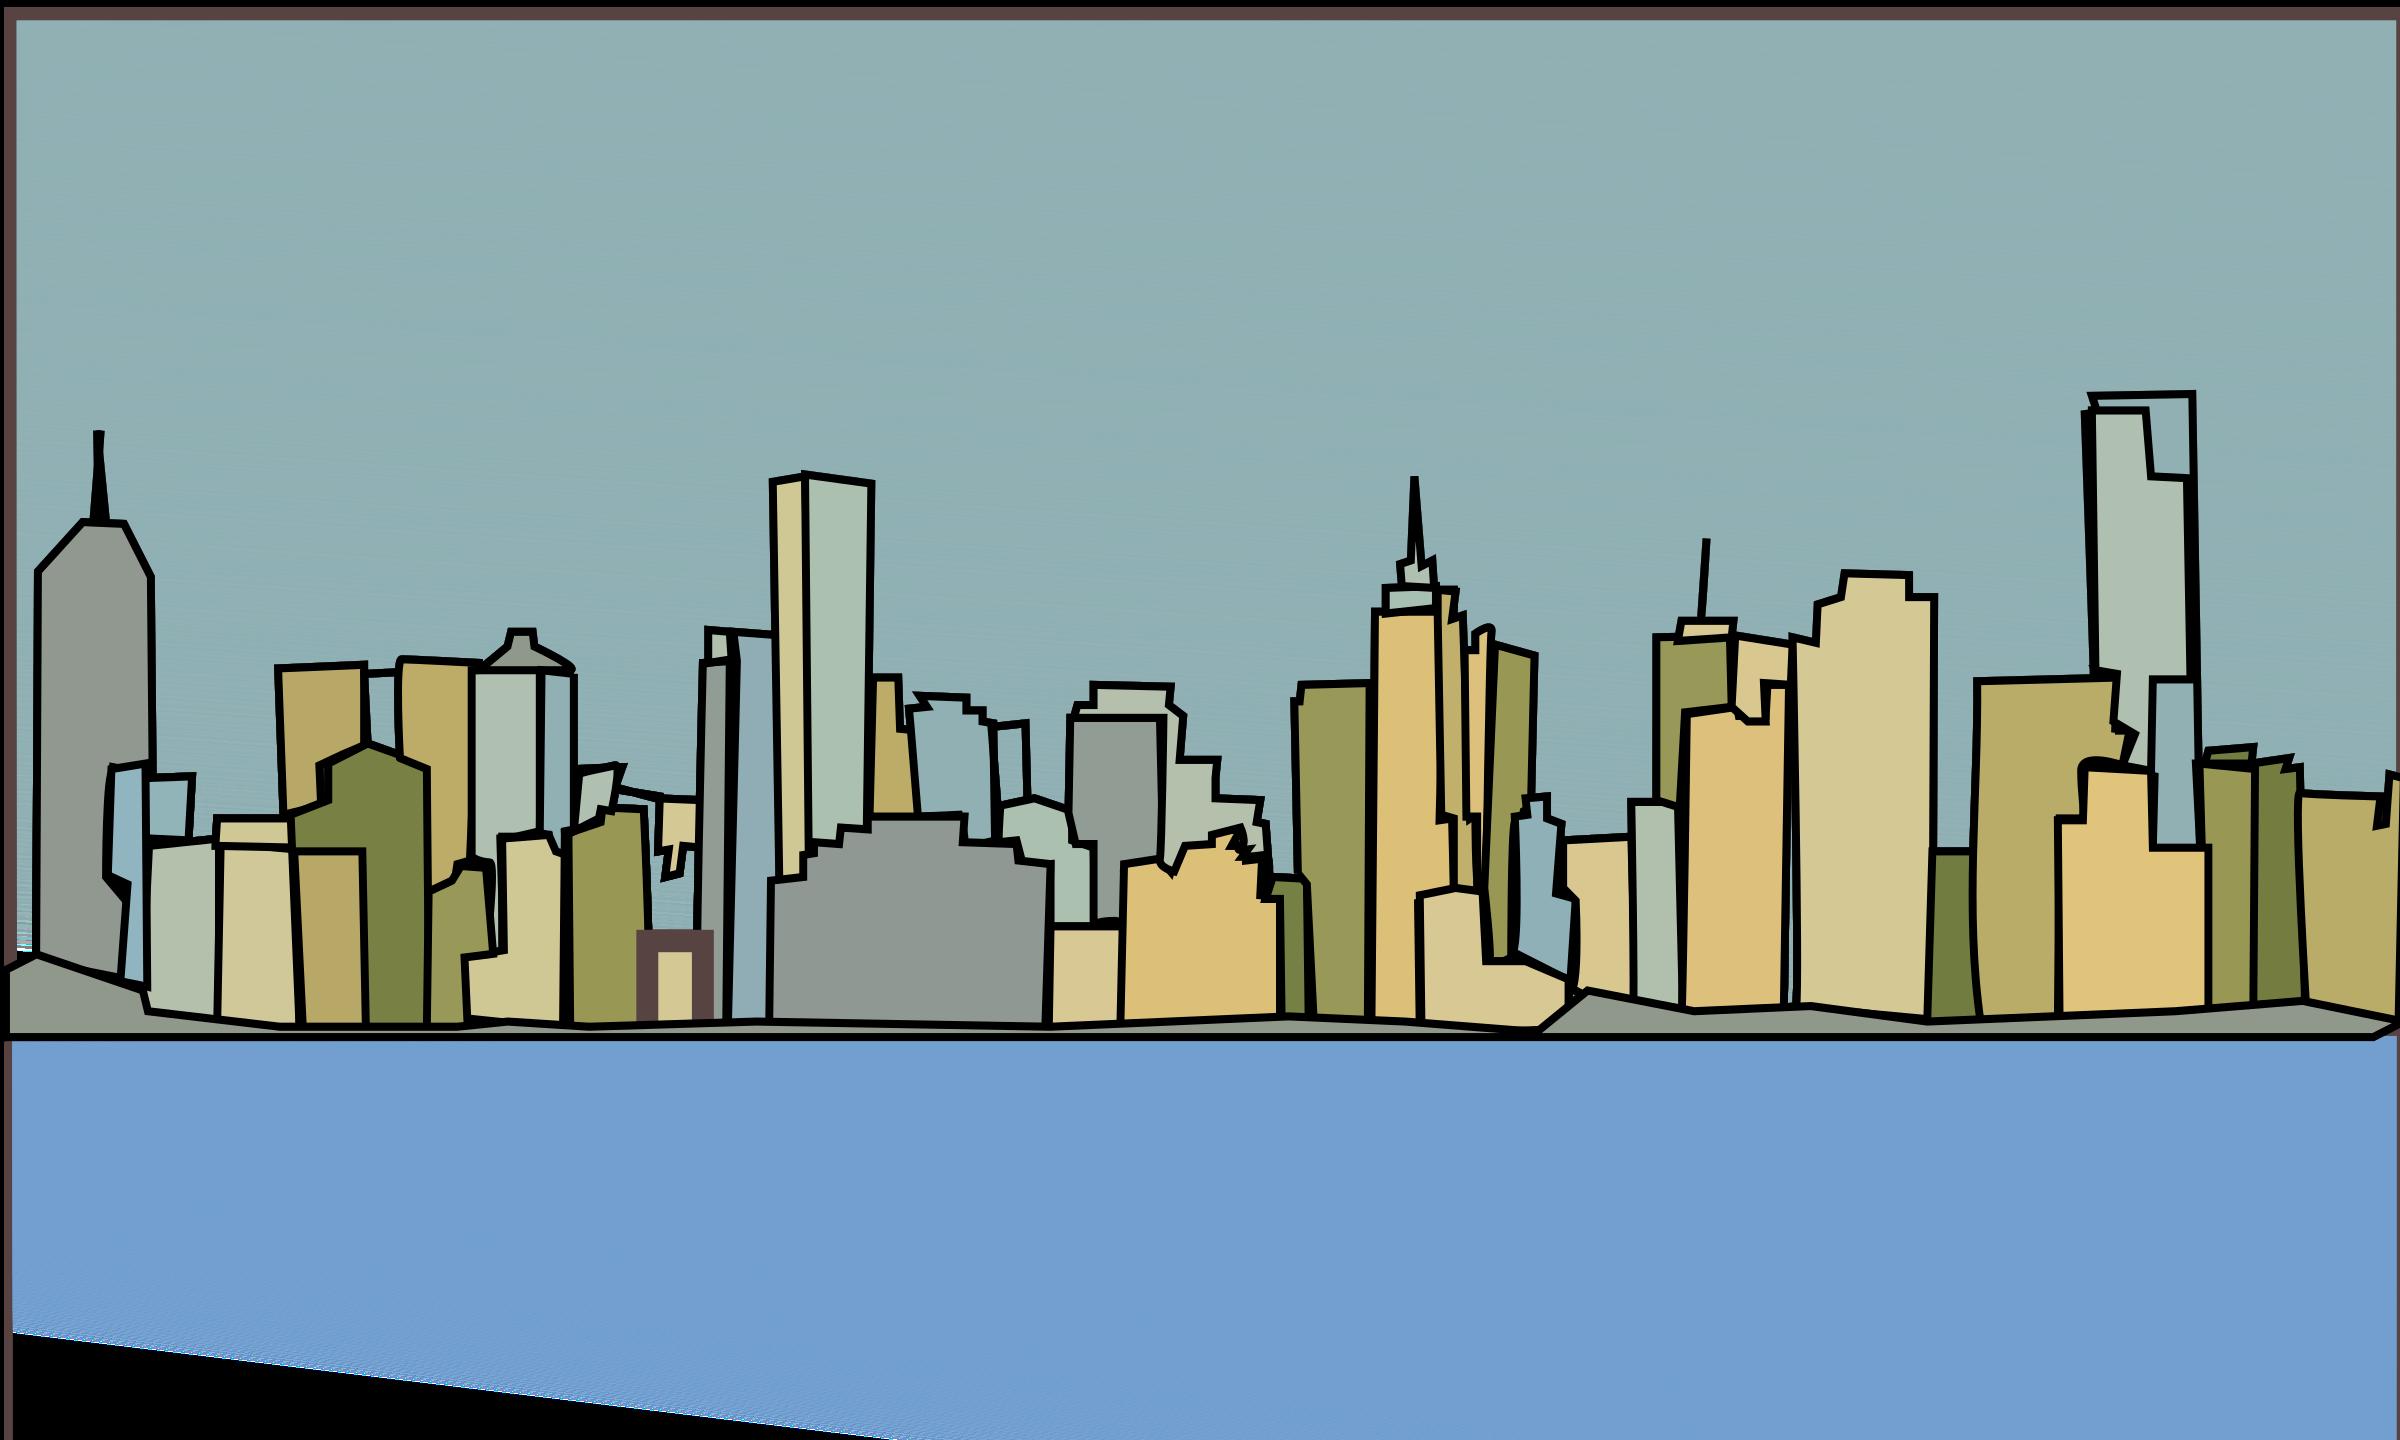 skyline clipart metropolitan area